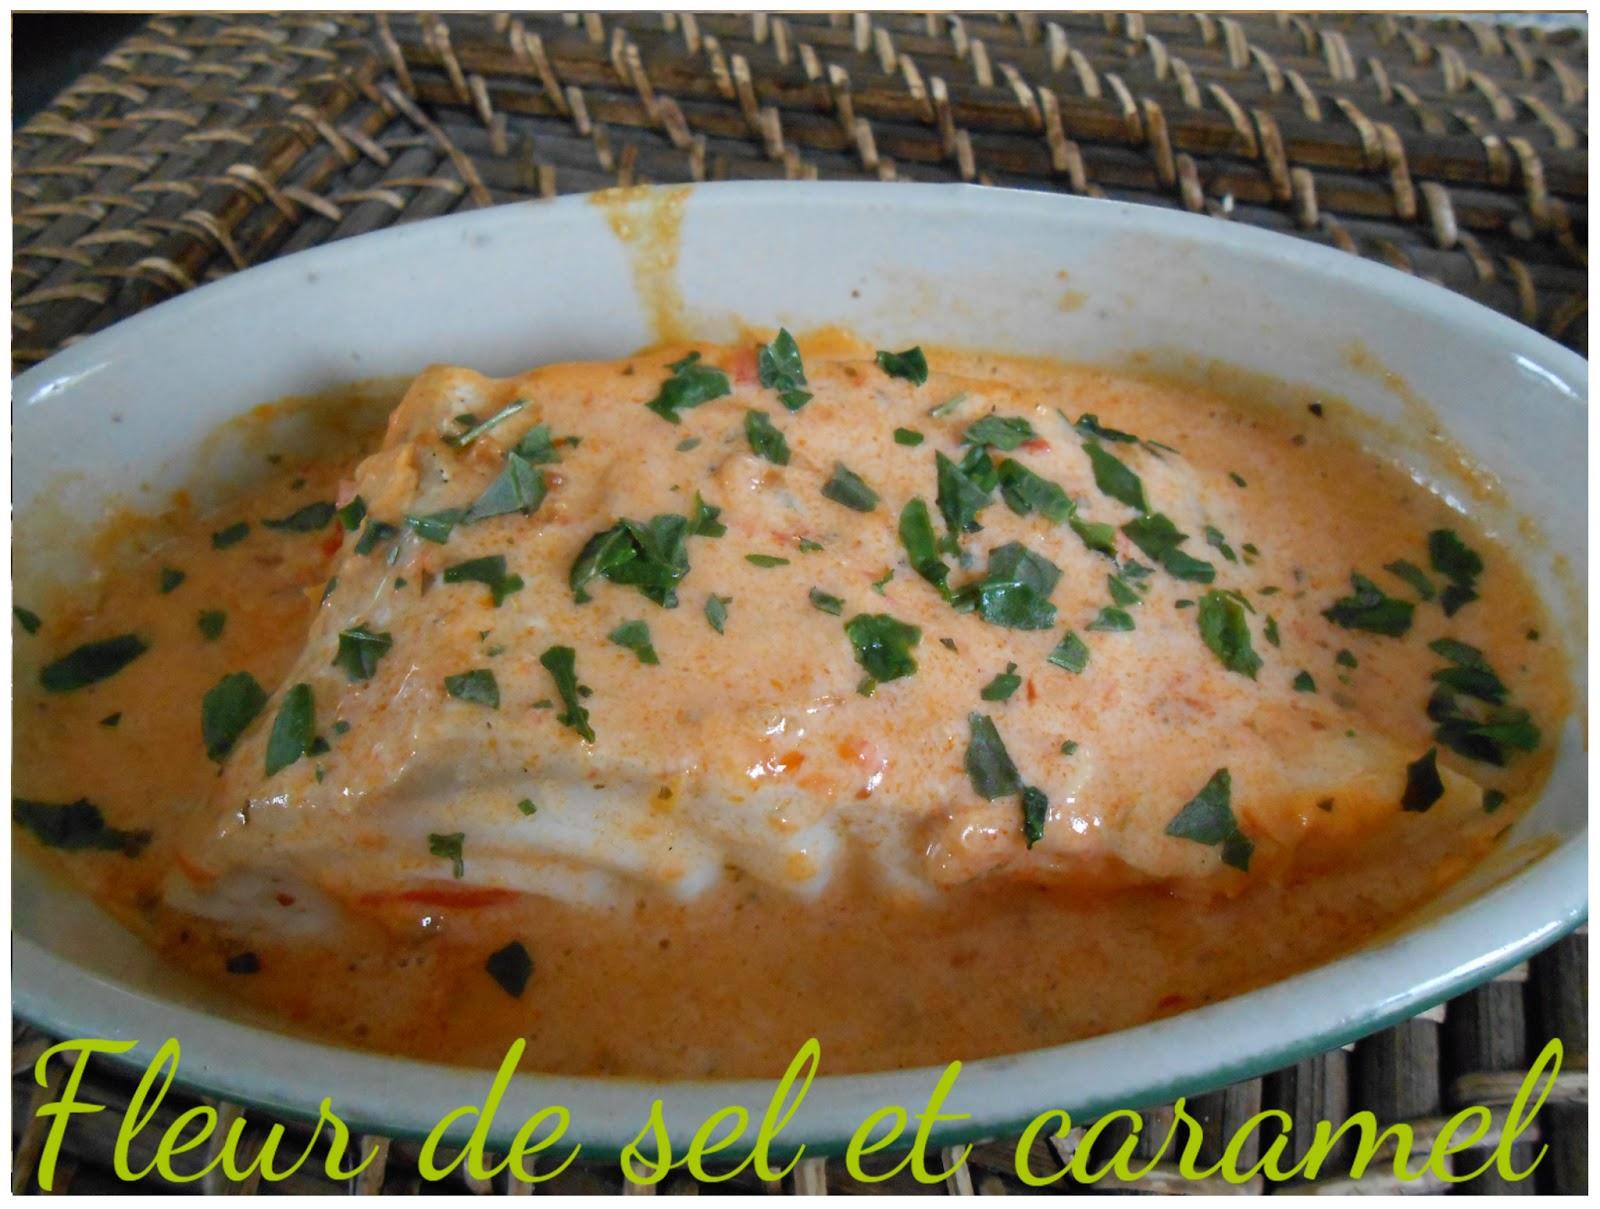 Fleur de sel et caramel dos de cabillaud sauce sacla - Cuisiner du dos de cabillaud ...